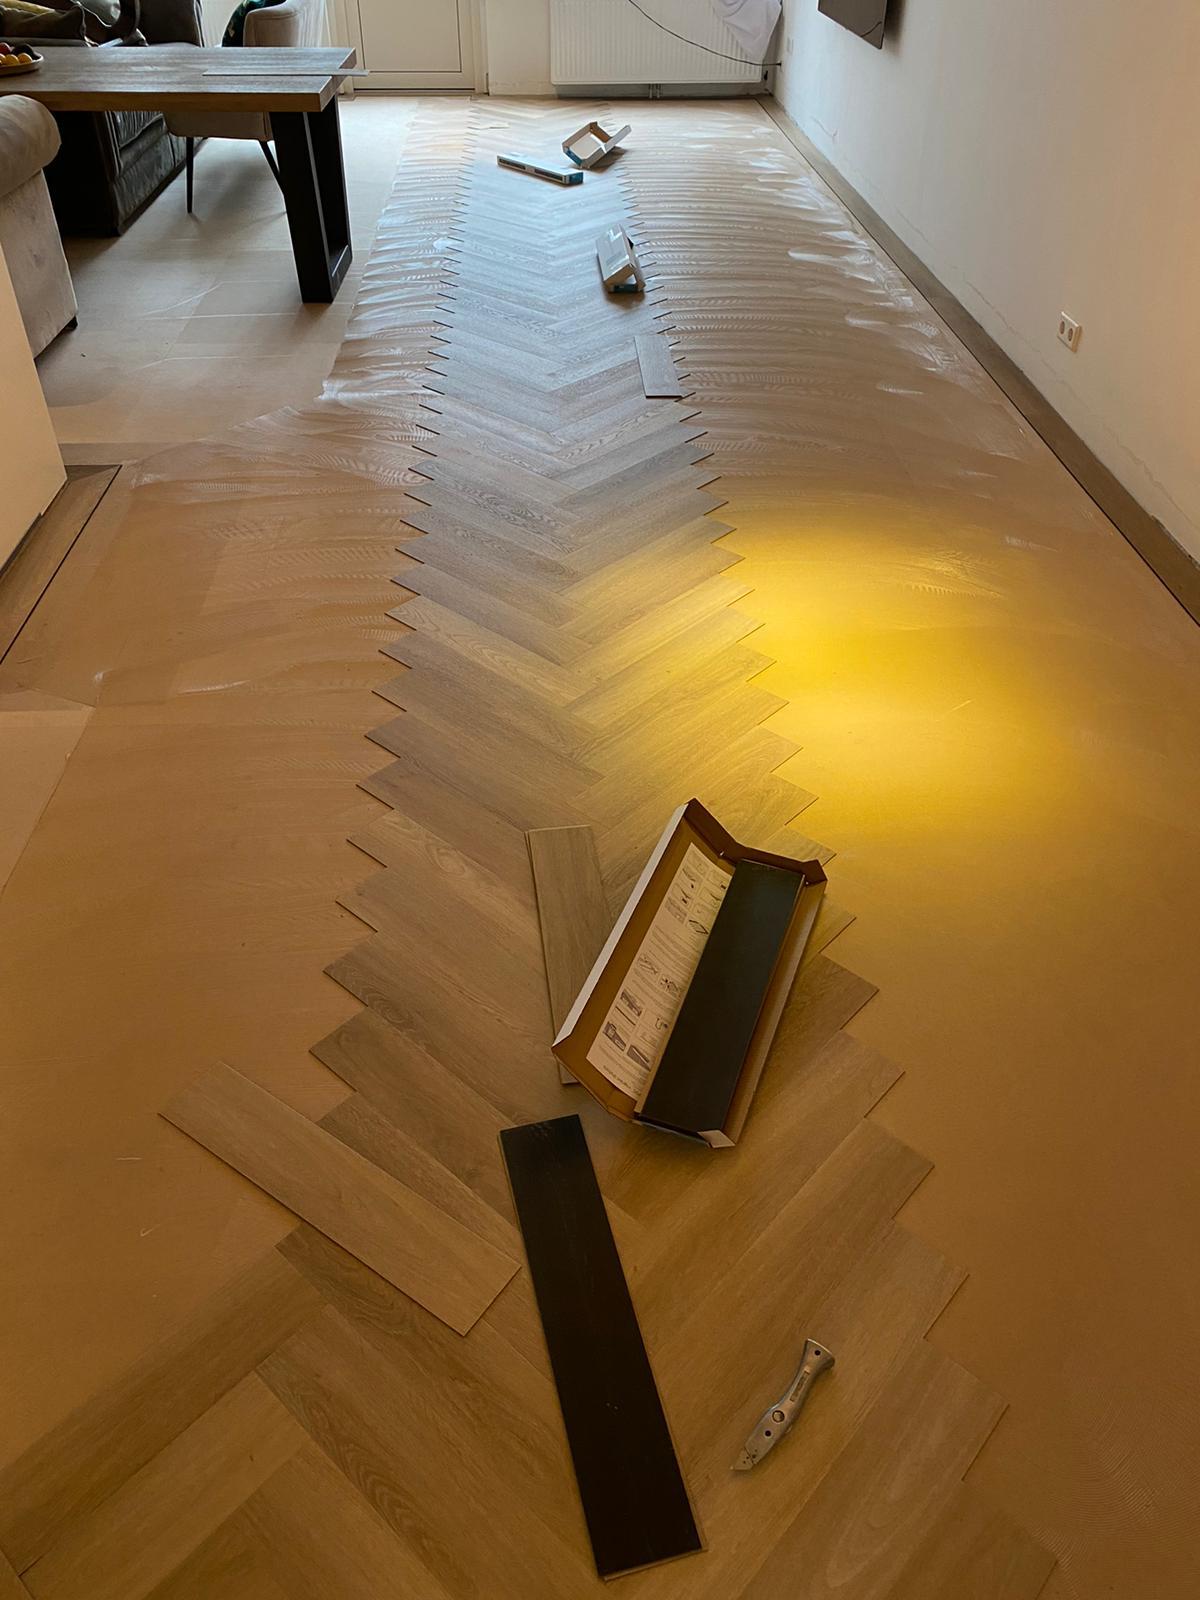 Project visgraat vloer Bacovloeren begonnen met leggen